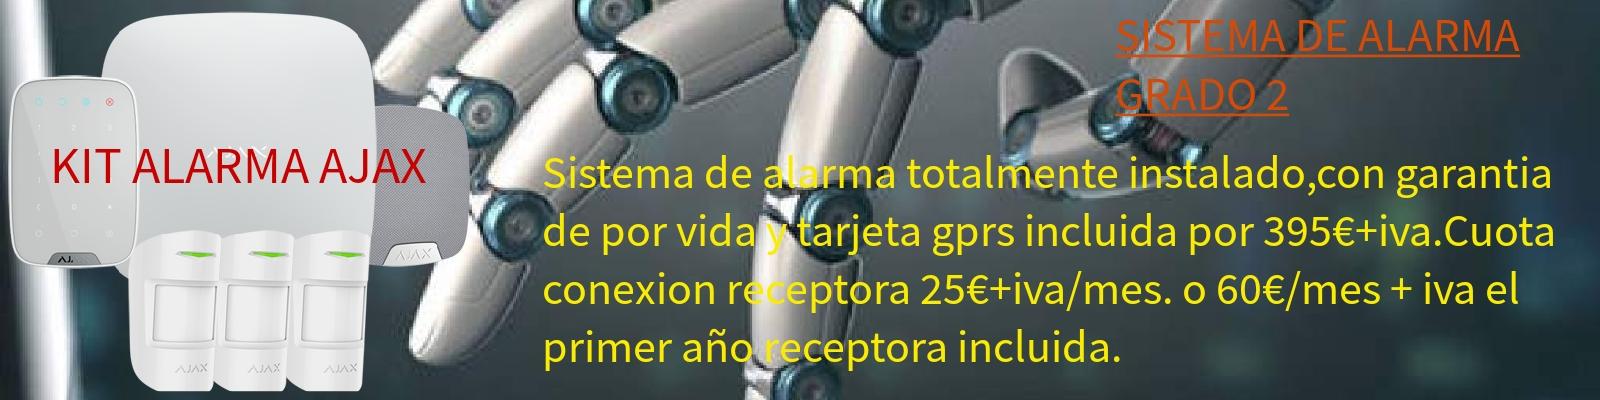 1552601644550_1552601642556_0_Nuevo proyecto 1